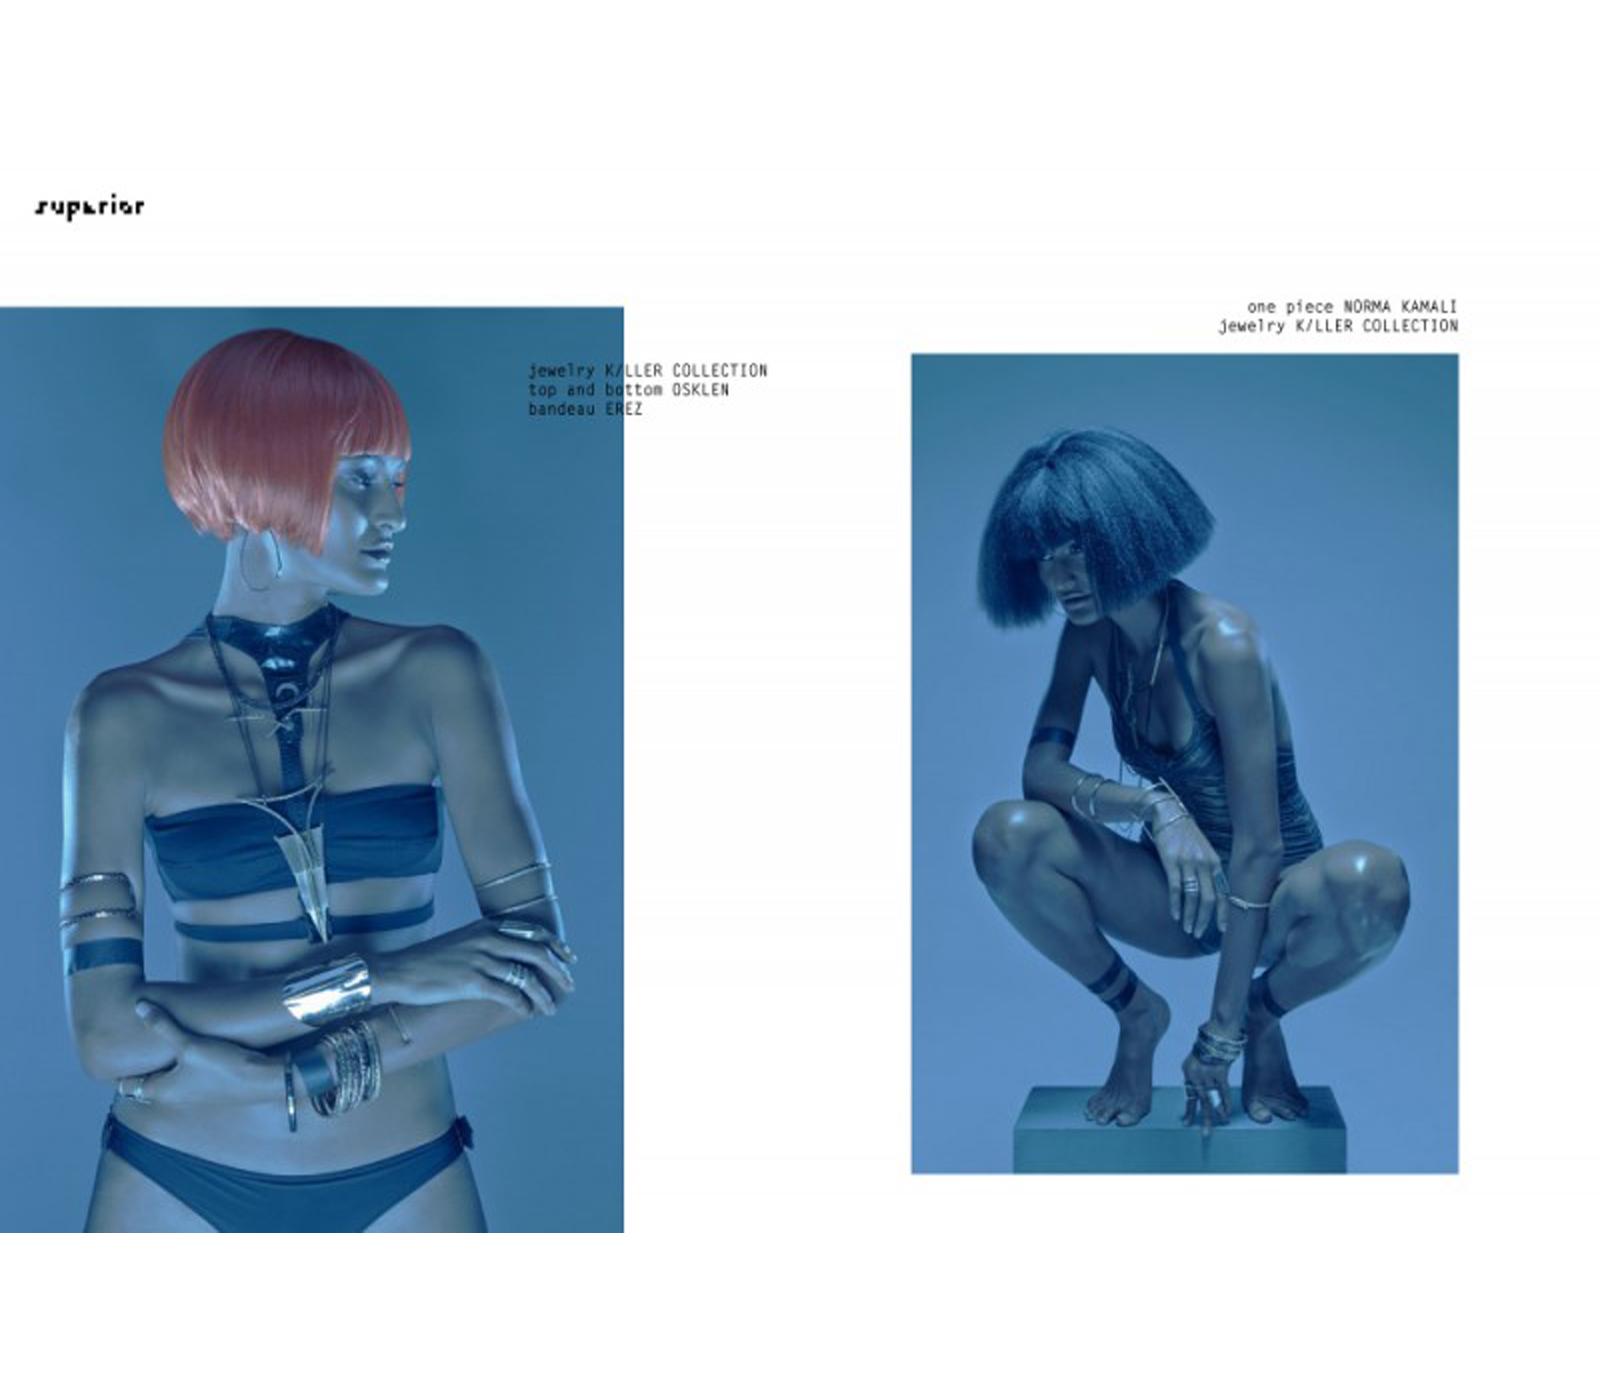 blue-summer-2-copy-800x533 copy.png